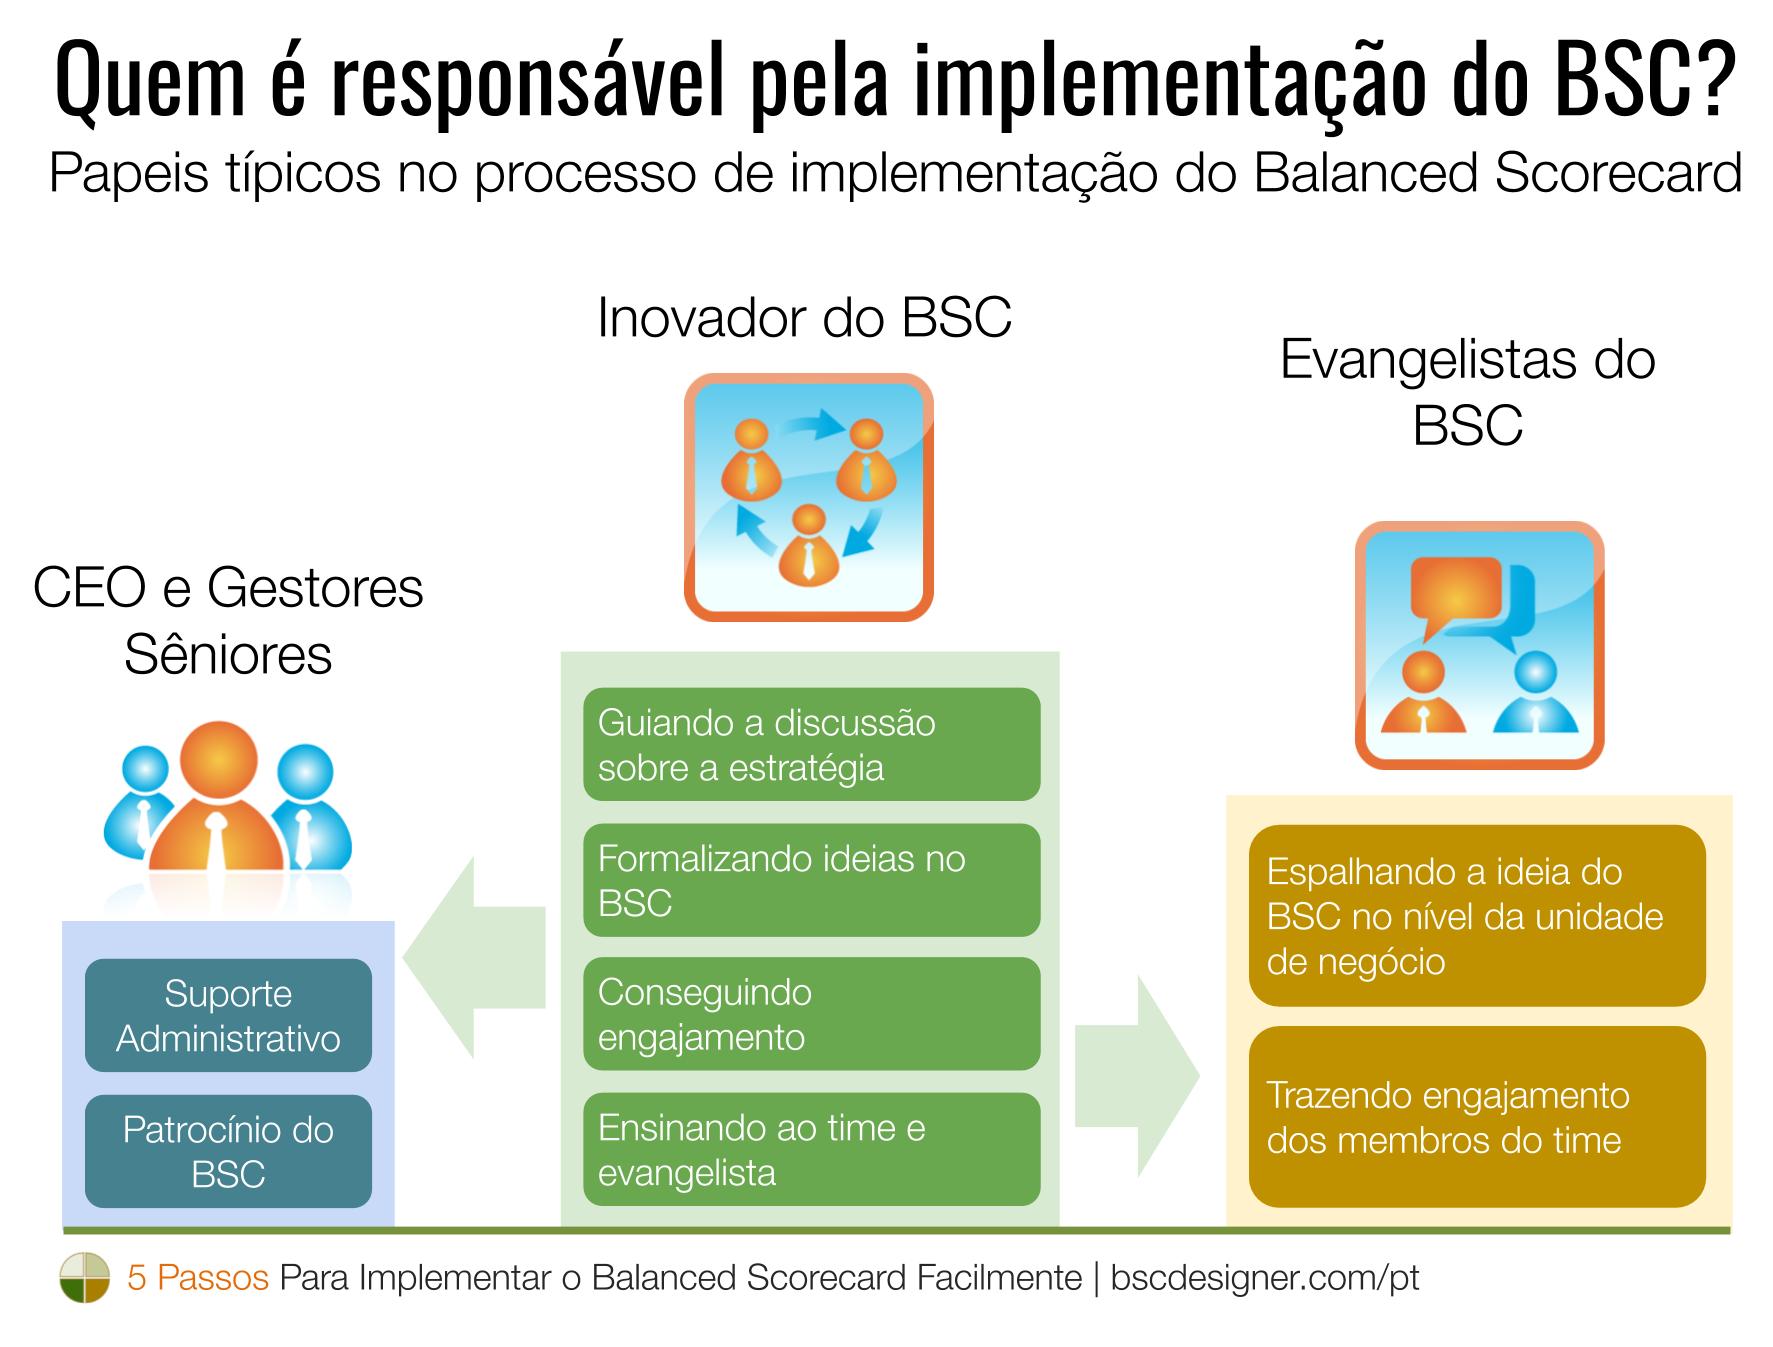 Quem é responsável pela implementação do BSC? Papeis típicos no processo de implementação do Balanced Scorecard.